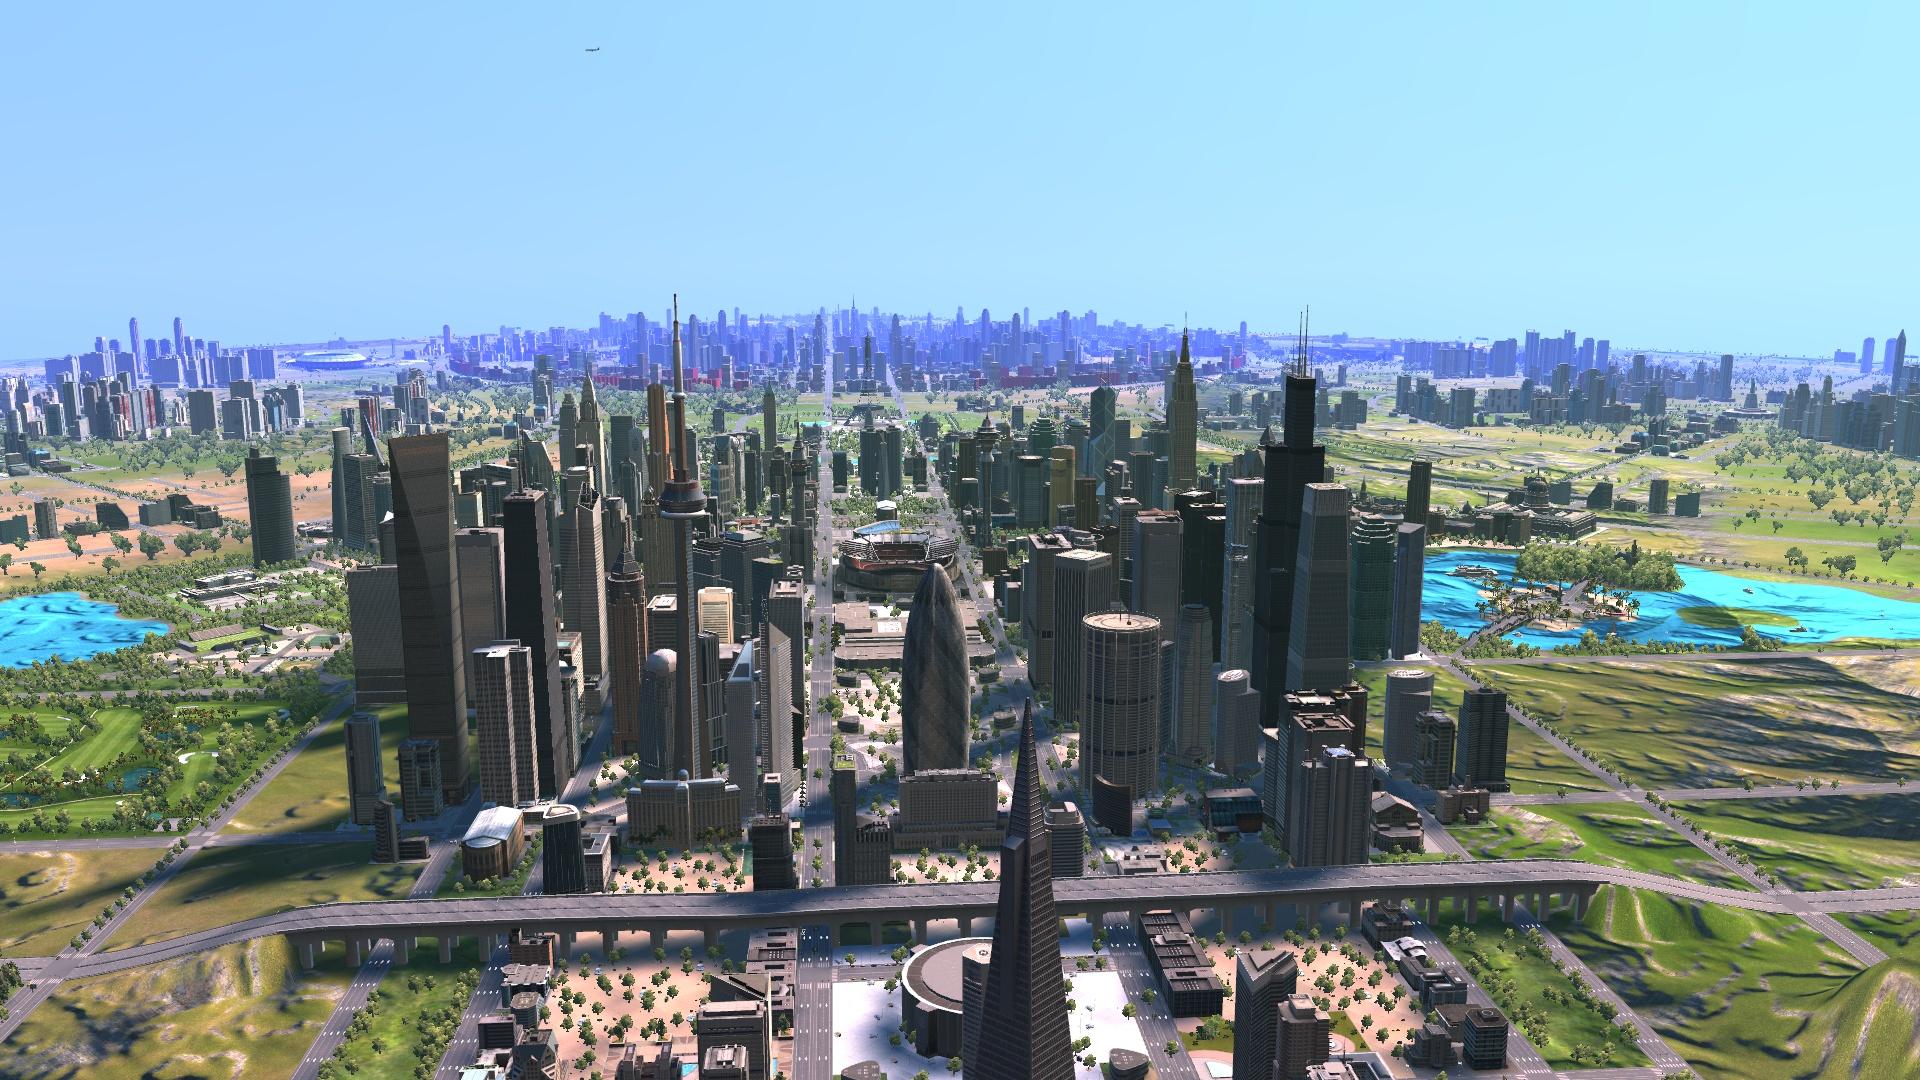 cxl_screenshot_futureville_7.jpg